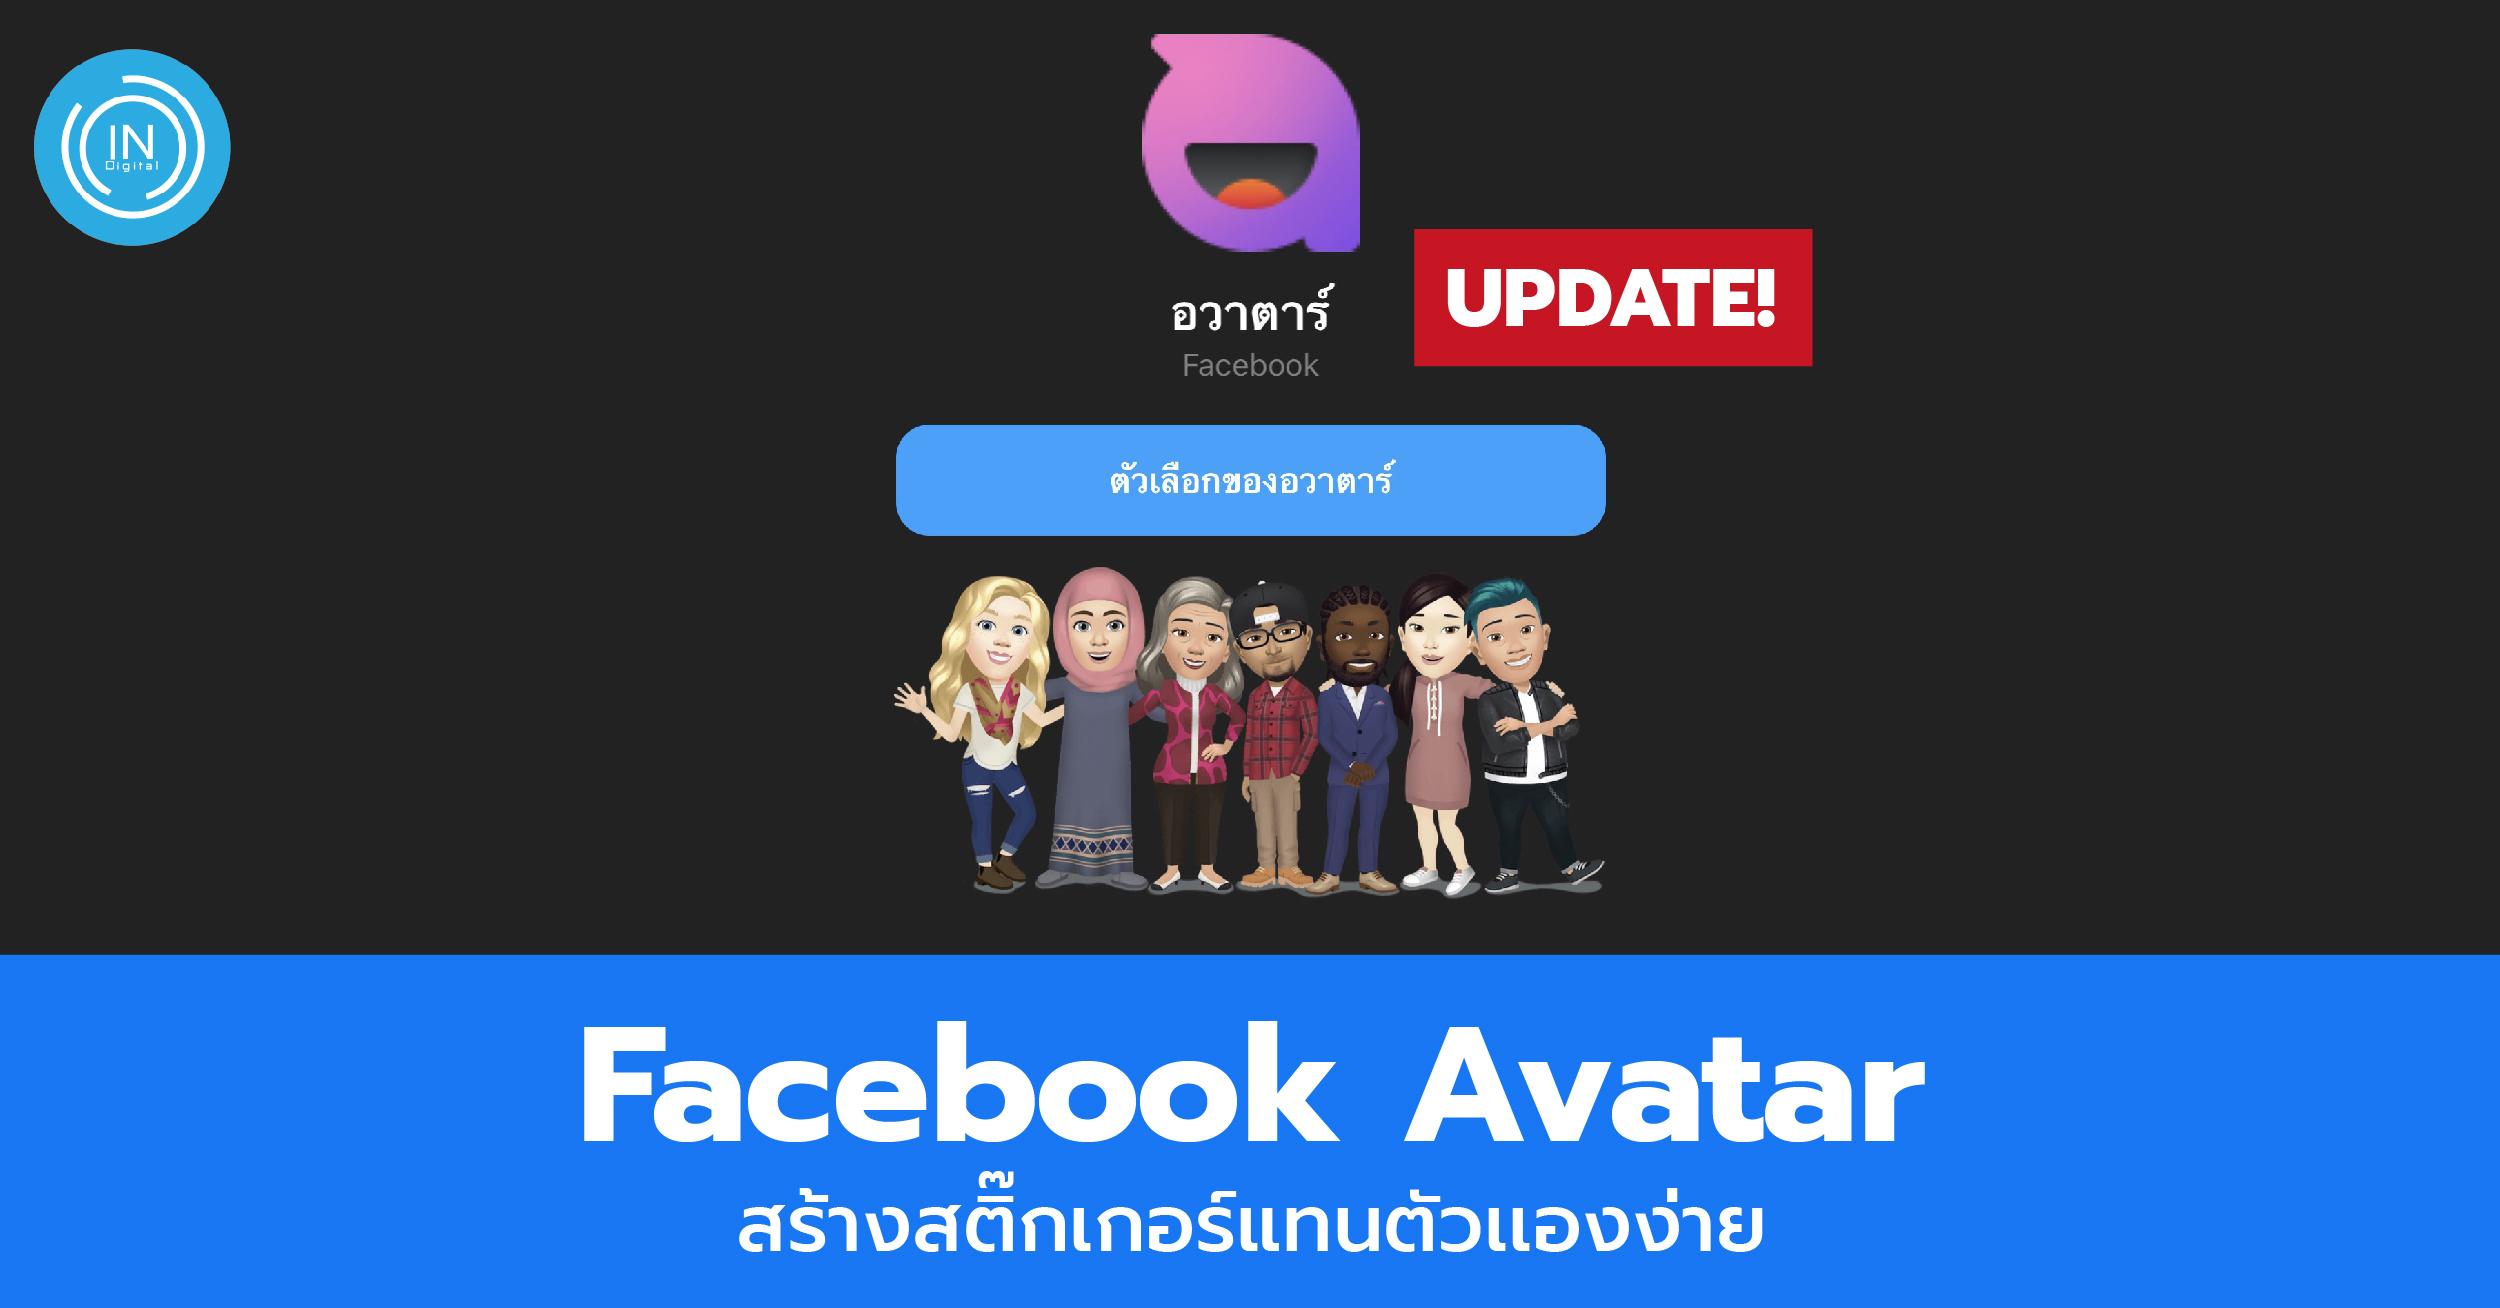 Update! Facebook Avatar สร้างสติ๊กเกอร์แทนตัวเเองง่ายๆ